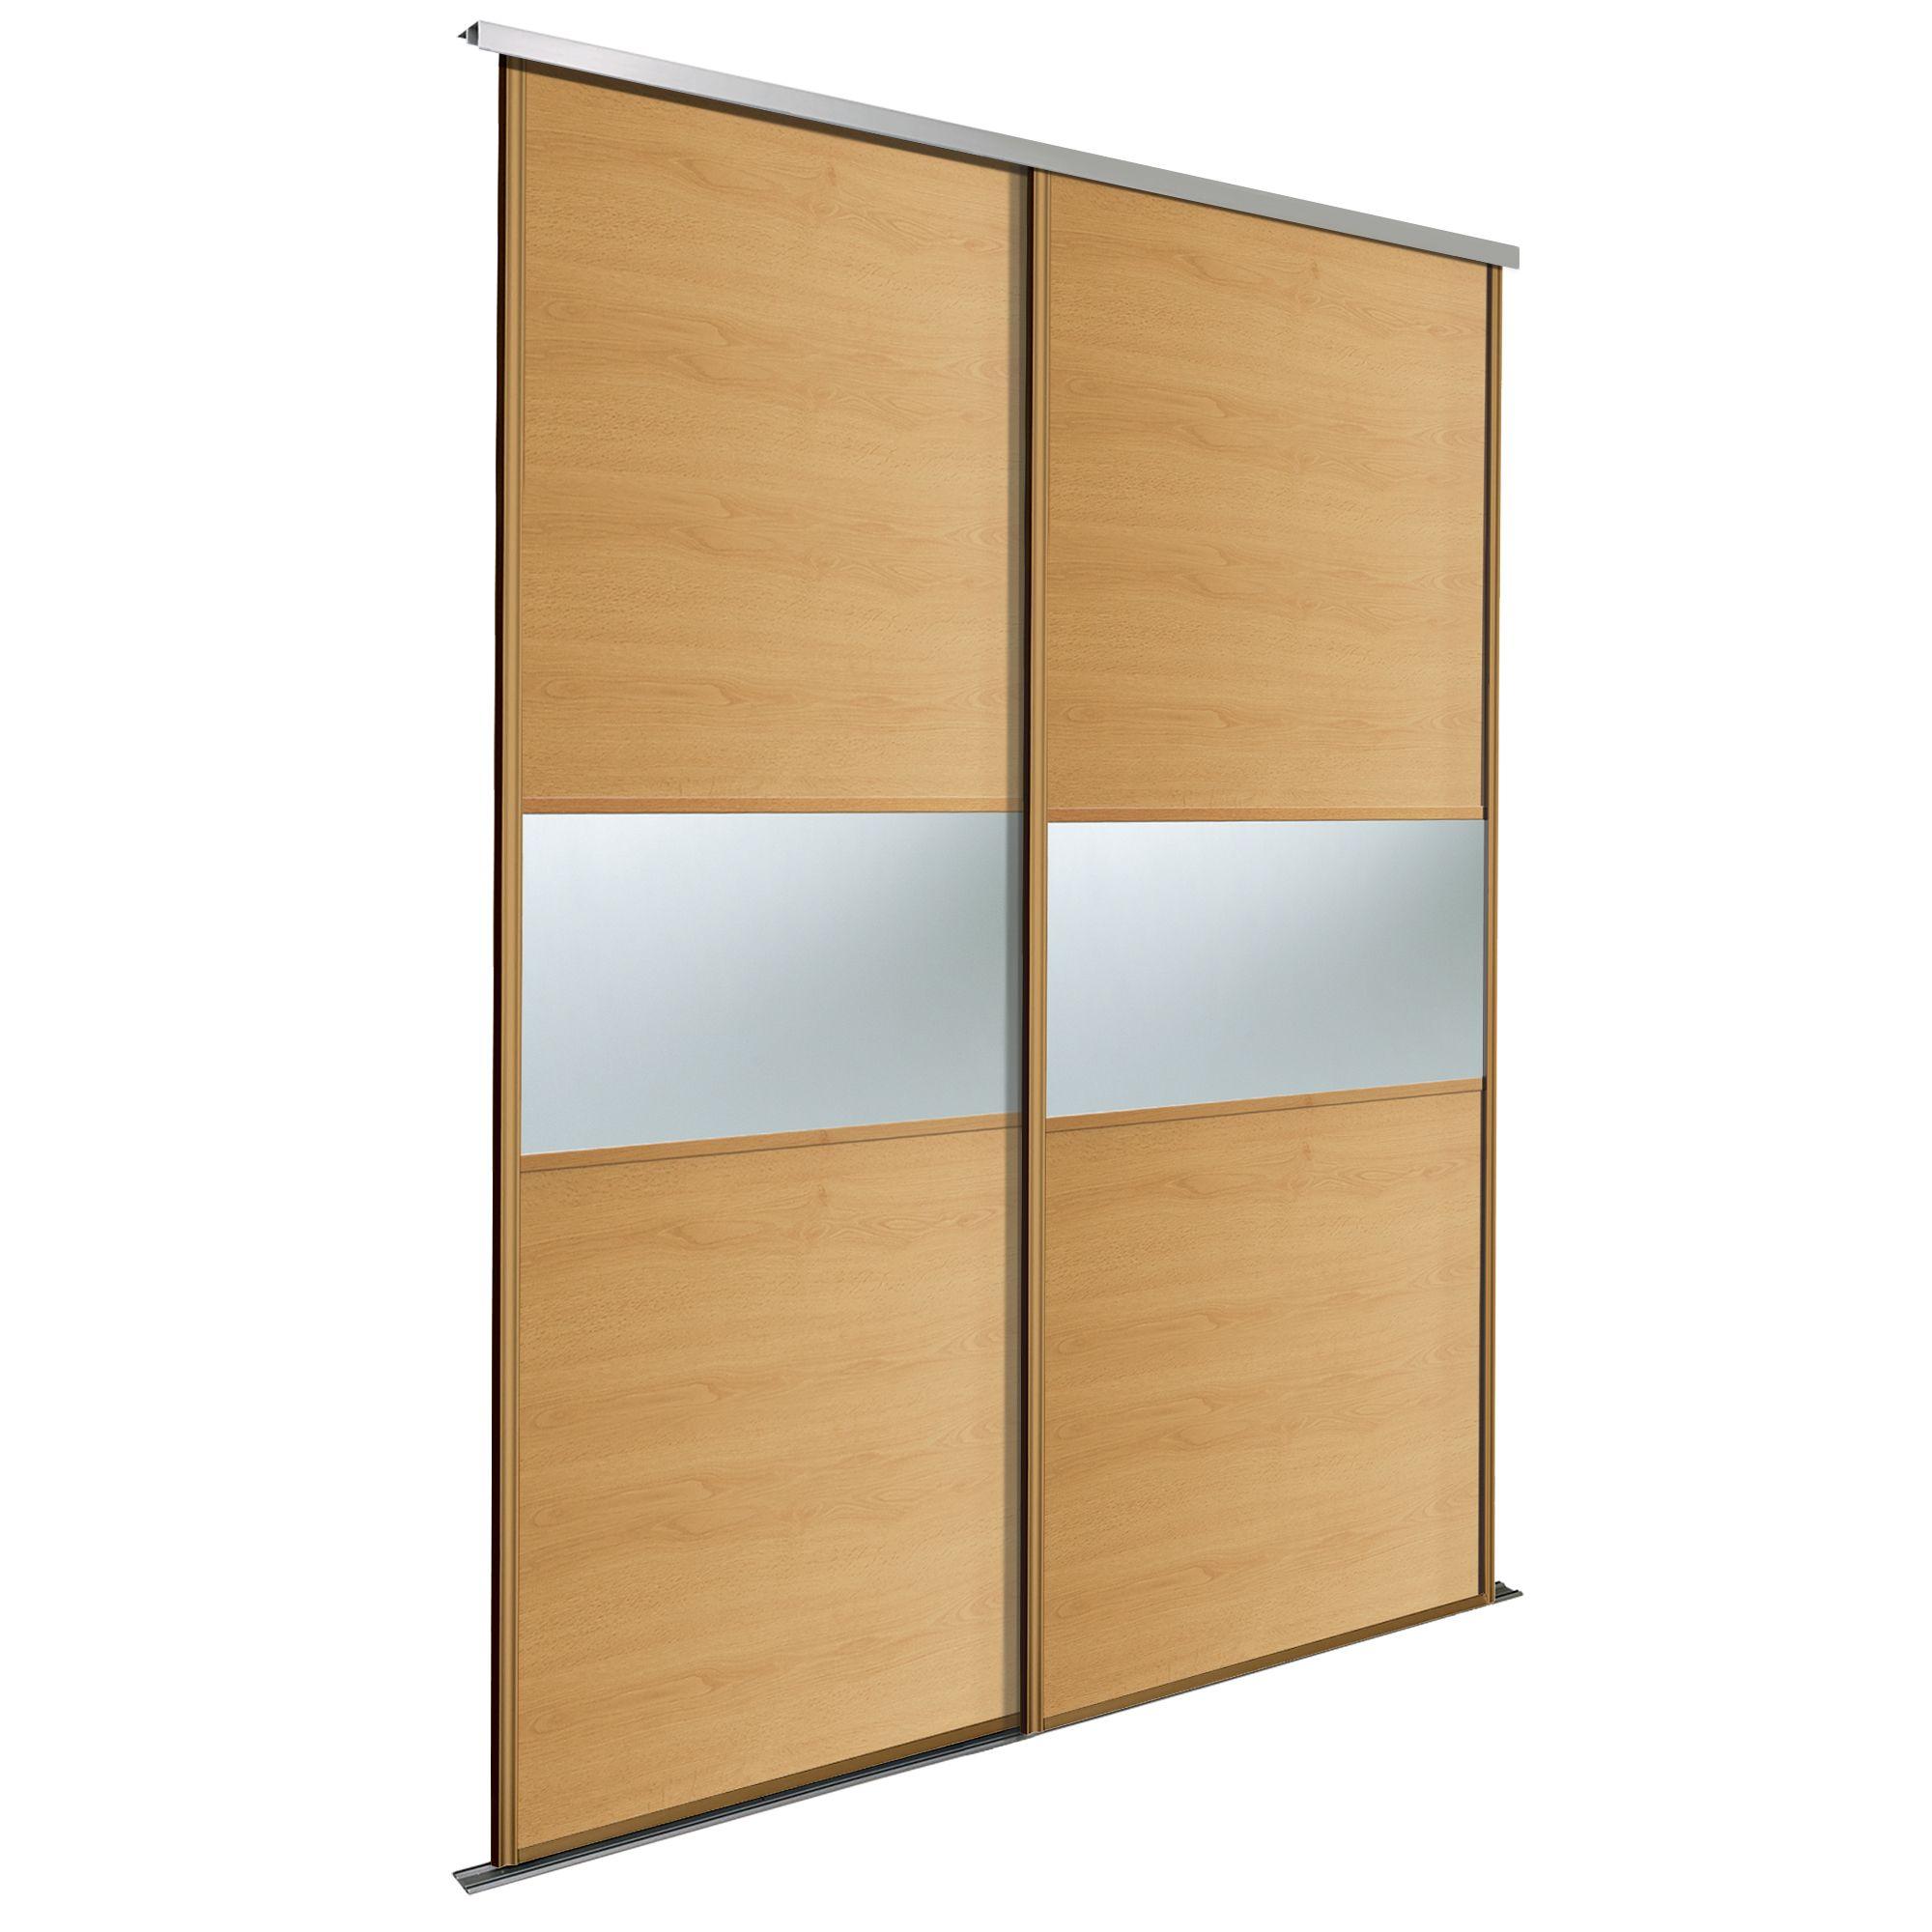 Fineline Oak Effect Sliding Wardrobe Door Kit (h)2220 Mm (w)610 Mm, Pack Of 2